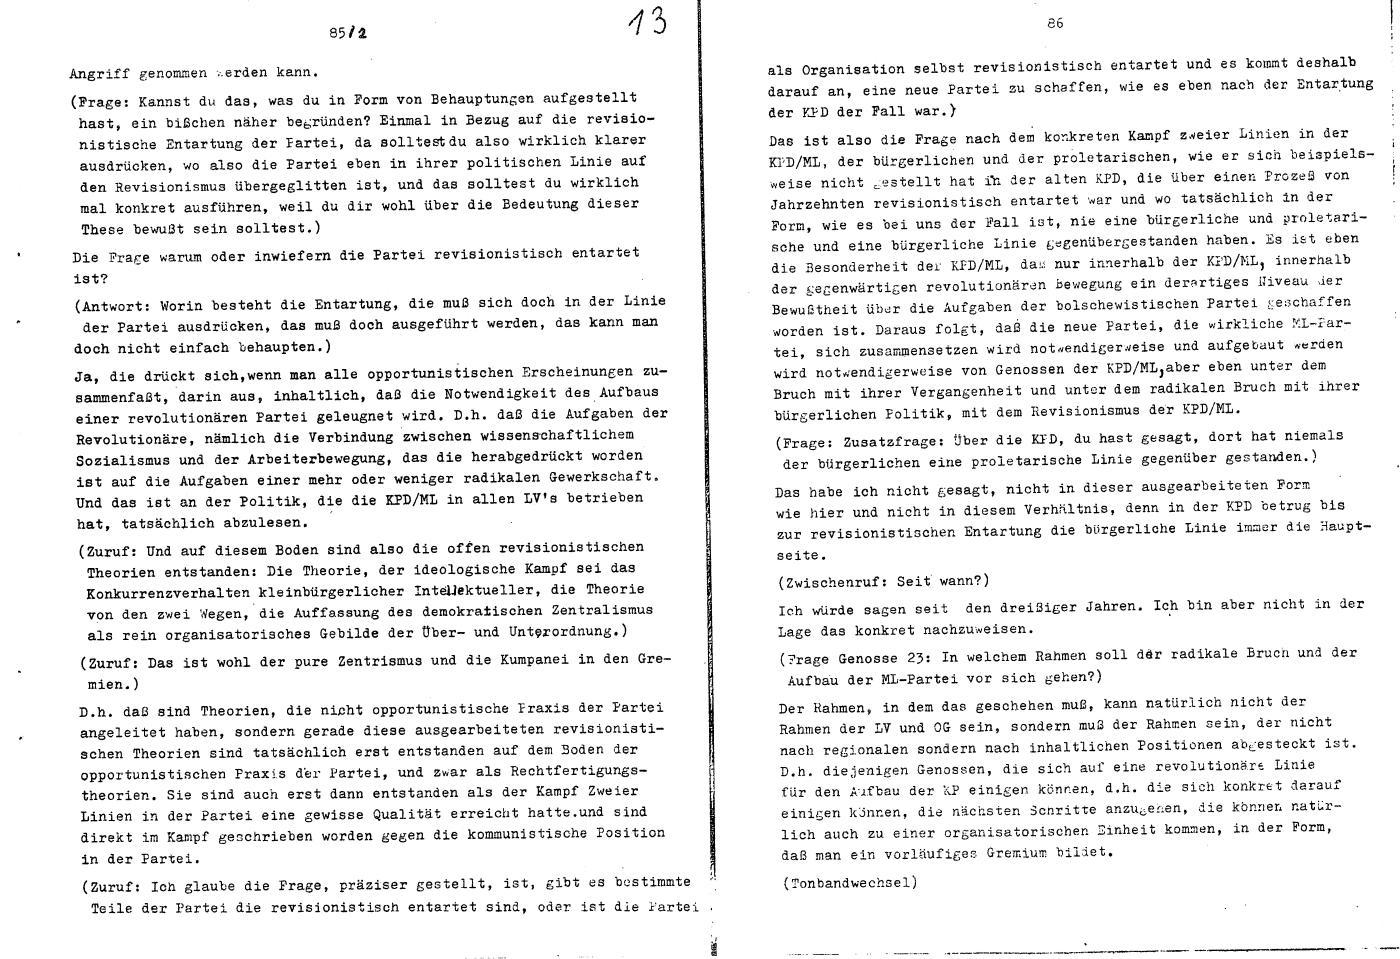 KPDML_1971_Wortprotokolle_aoPt_032